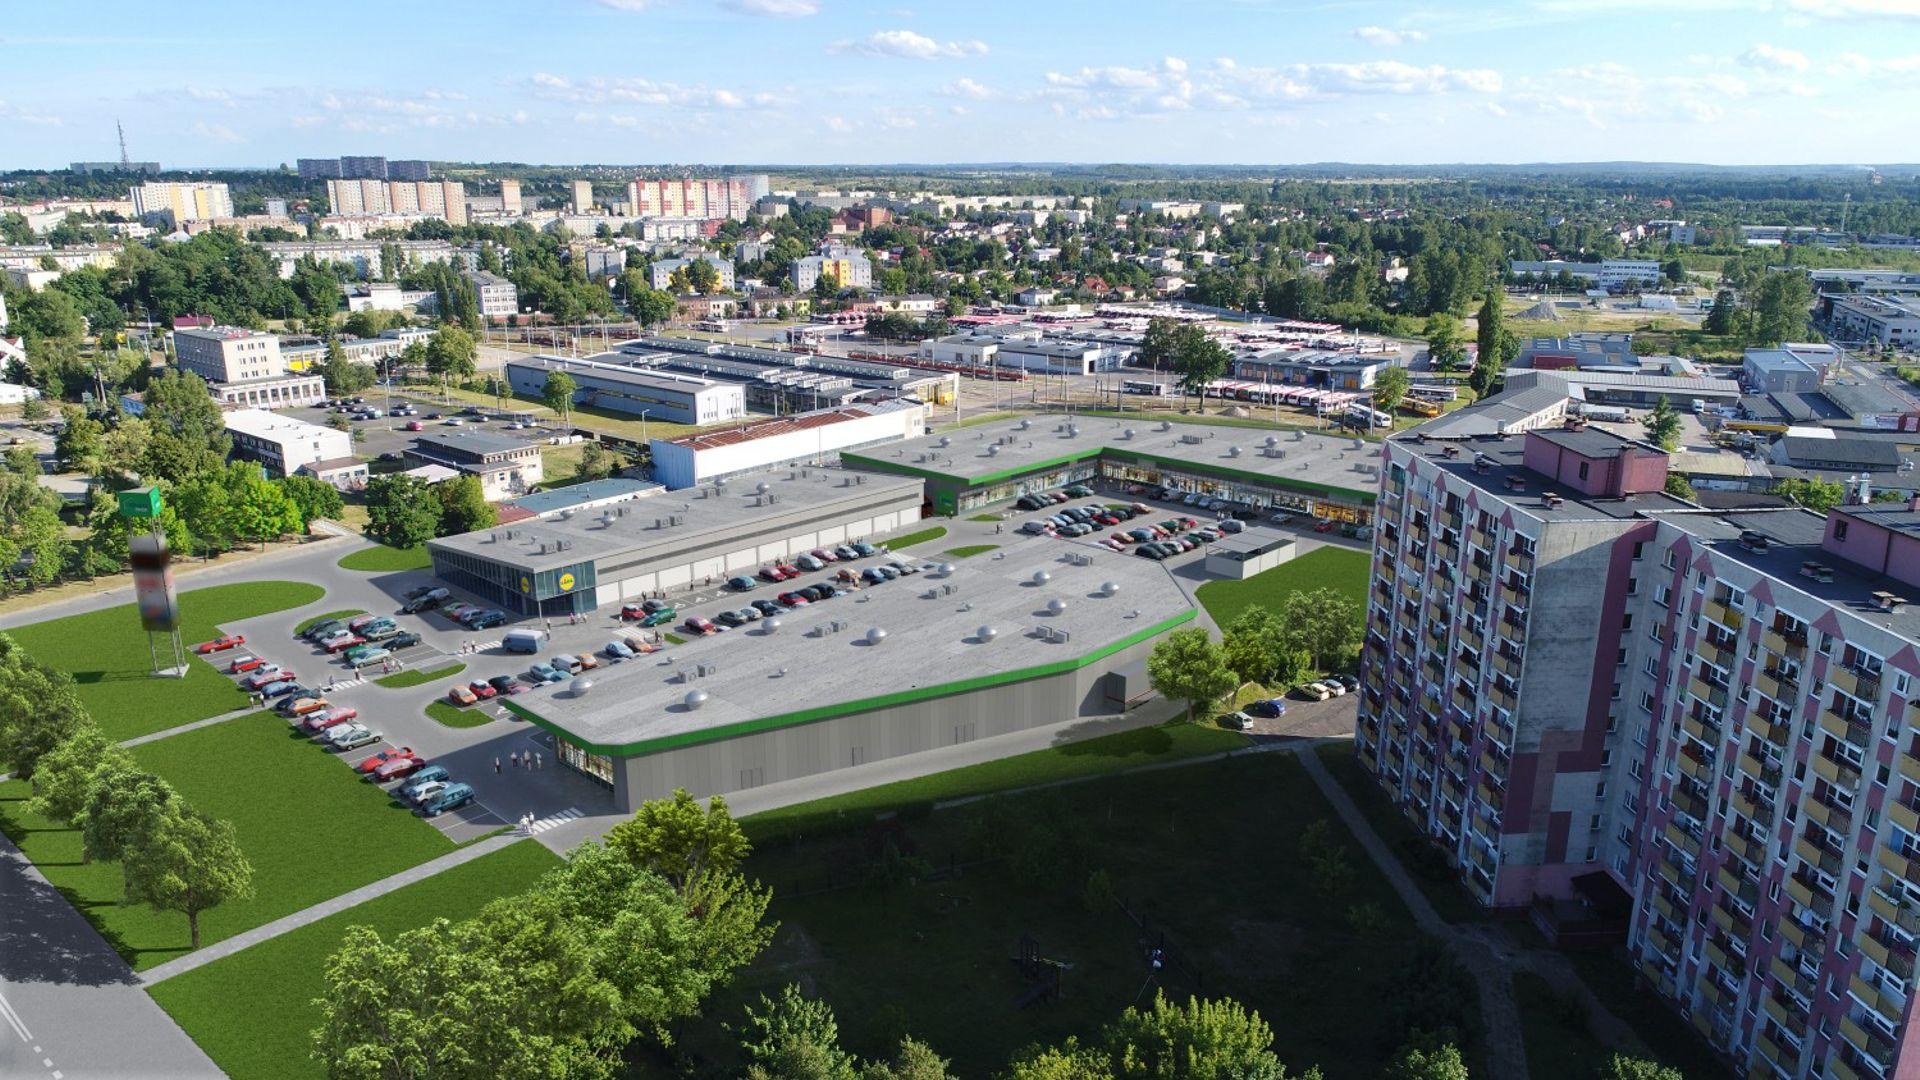 [śląskie] Budowa Vendo Parku w Częstochowie na starcie